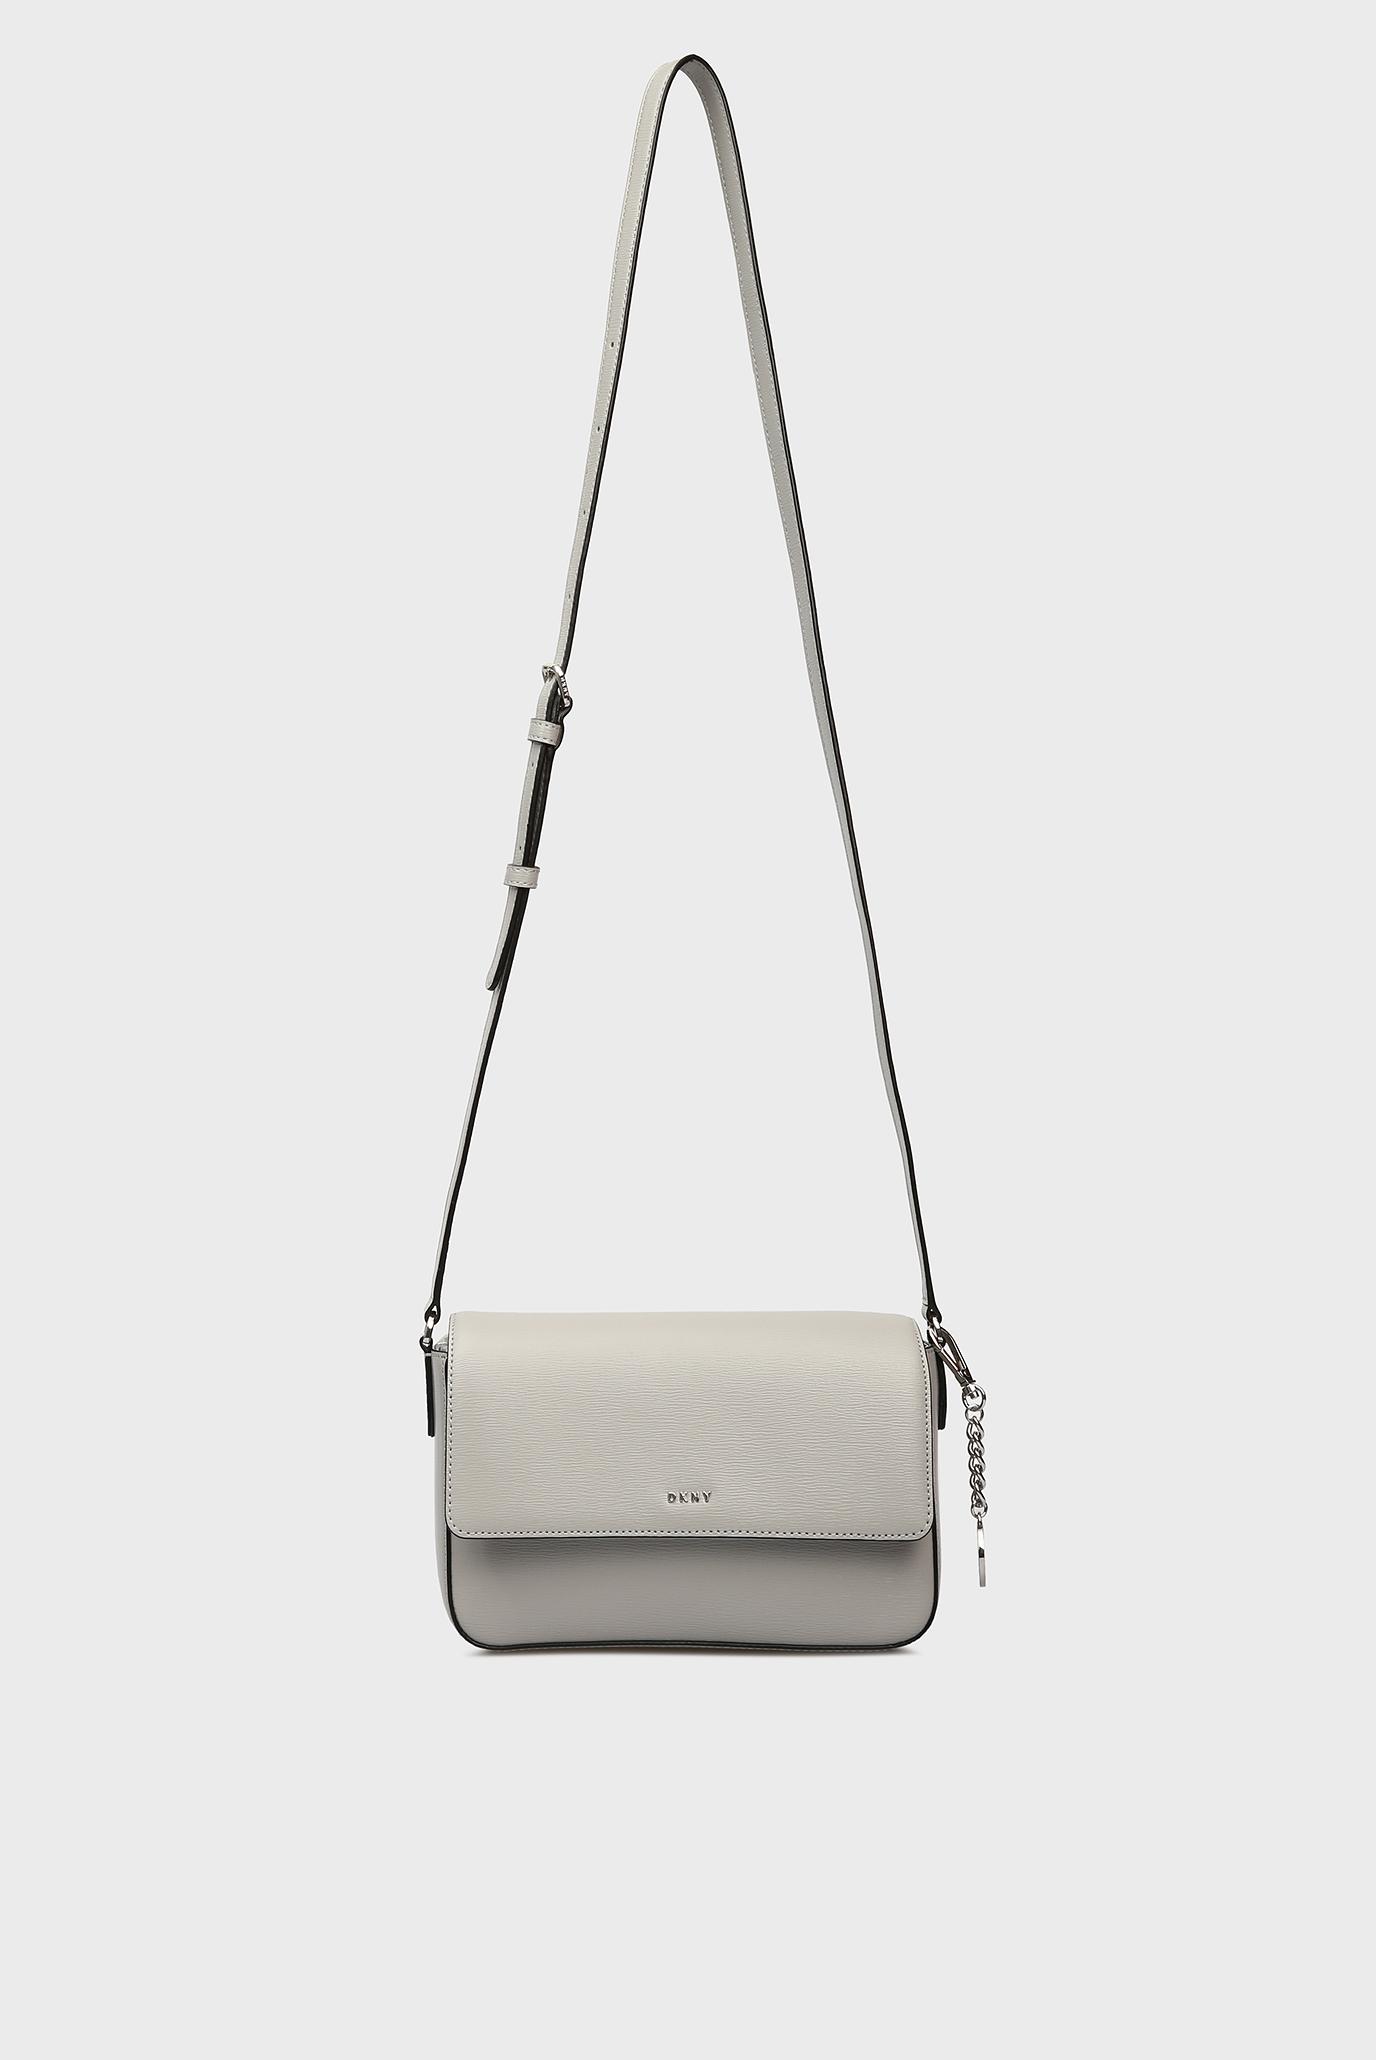 9a350e4ec283 Купить Женская серая сумка через плечо BRYANT-MD DKNY DKNY R82E3467 – Киев,  Украина. Цены в интернет ...